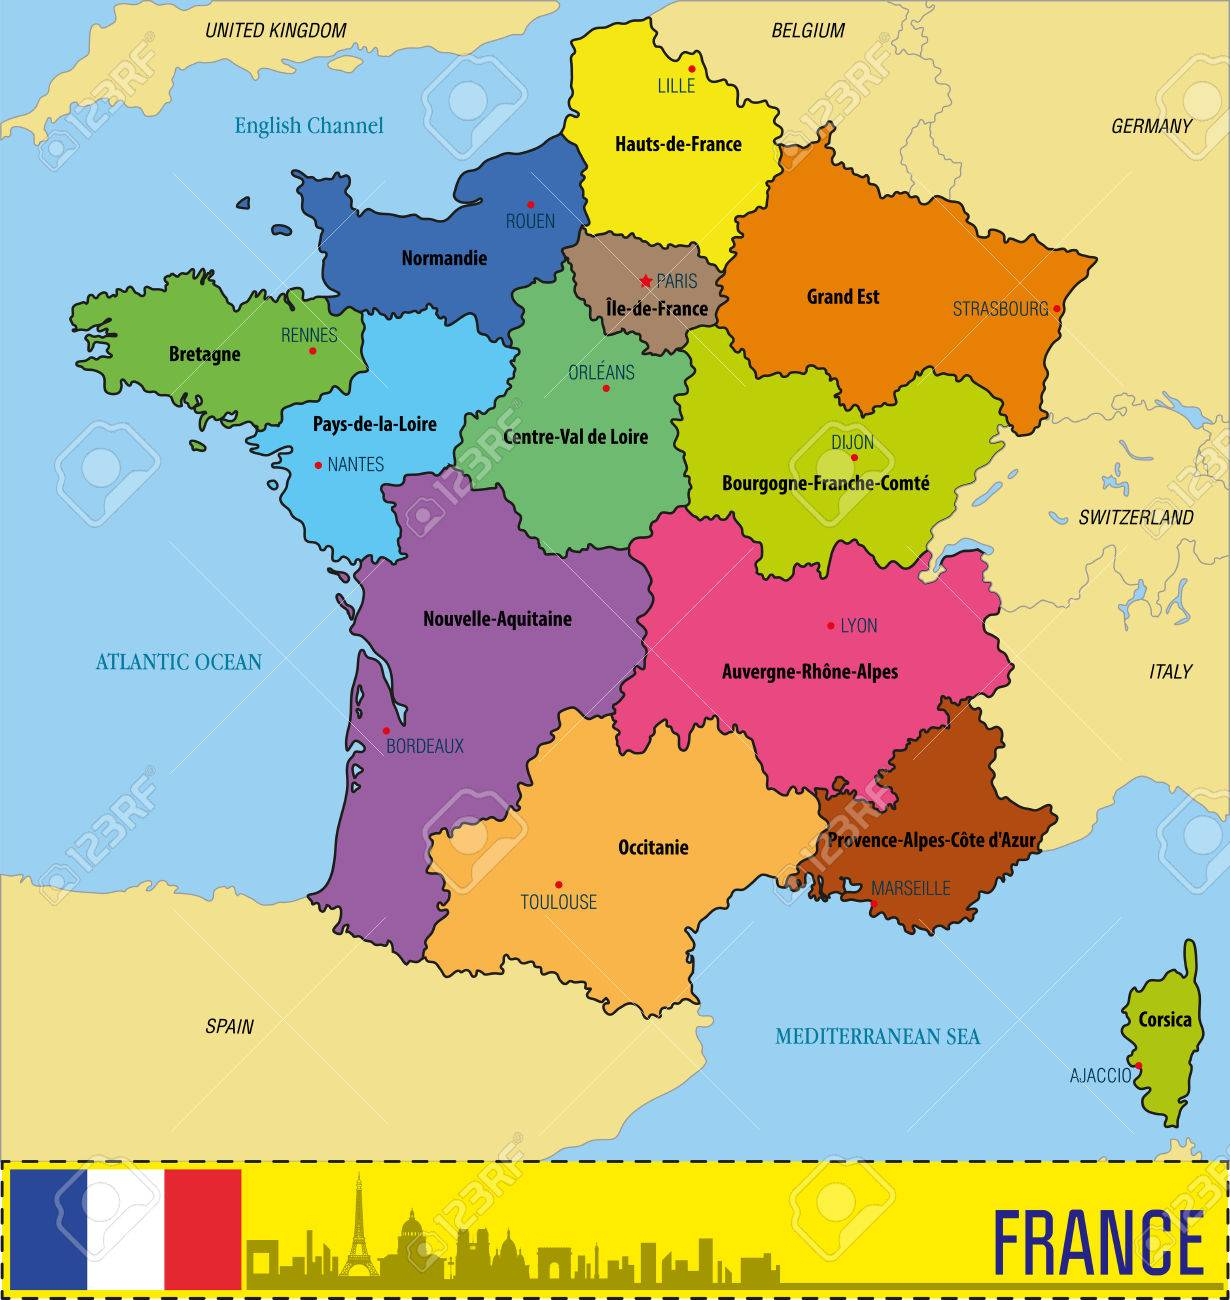 Vector Une Carte Politique Très Détaillée De La France Avec Les Régions Et  Leurs Capitales. Tous Les Éléments Sont Séparés Dans Des Calques encequiconcerne Carte De La France Avec Les Régions